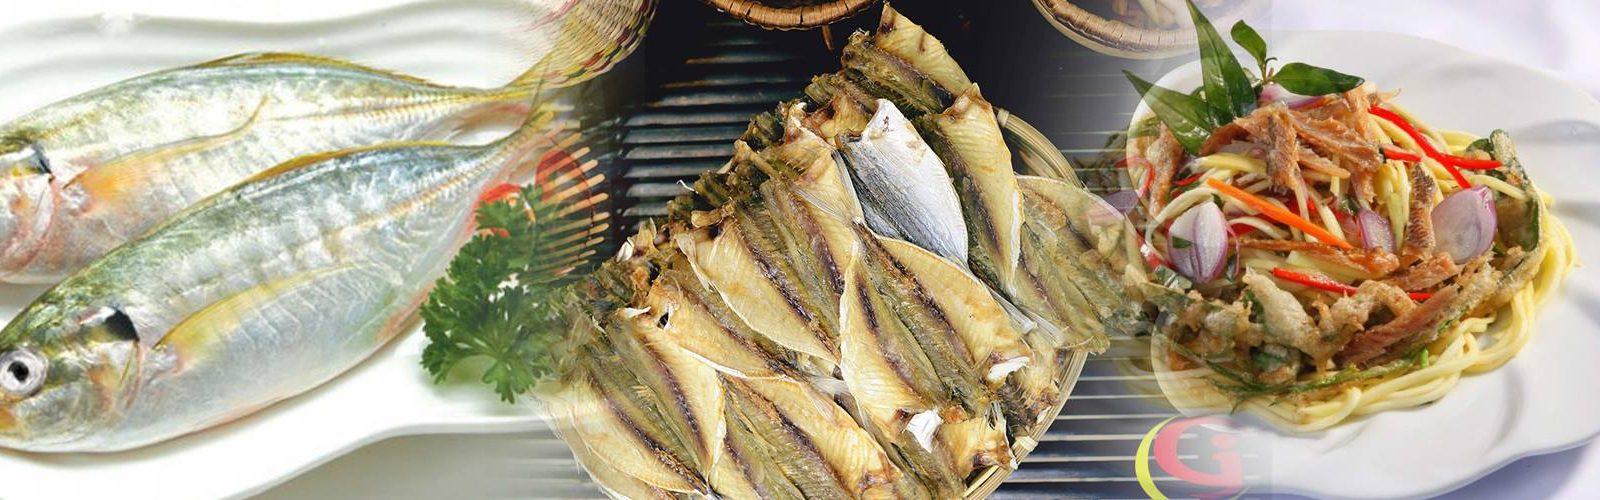 Nguyên liệu cá chỉ tươi